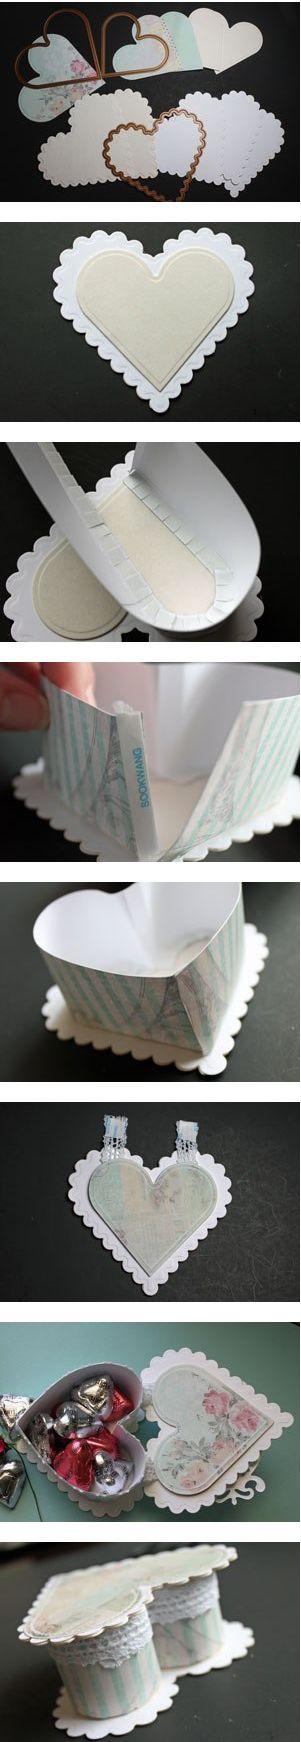 55 best images about moldes de cajas de carton on - Como hacer una caja ...